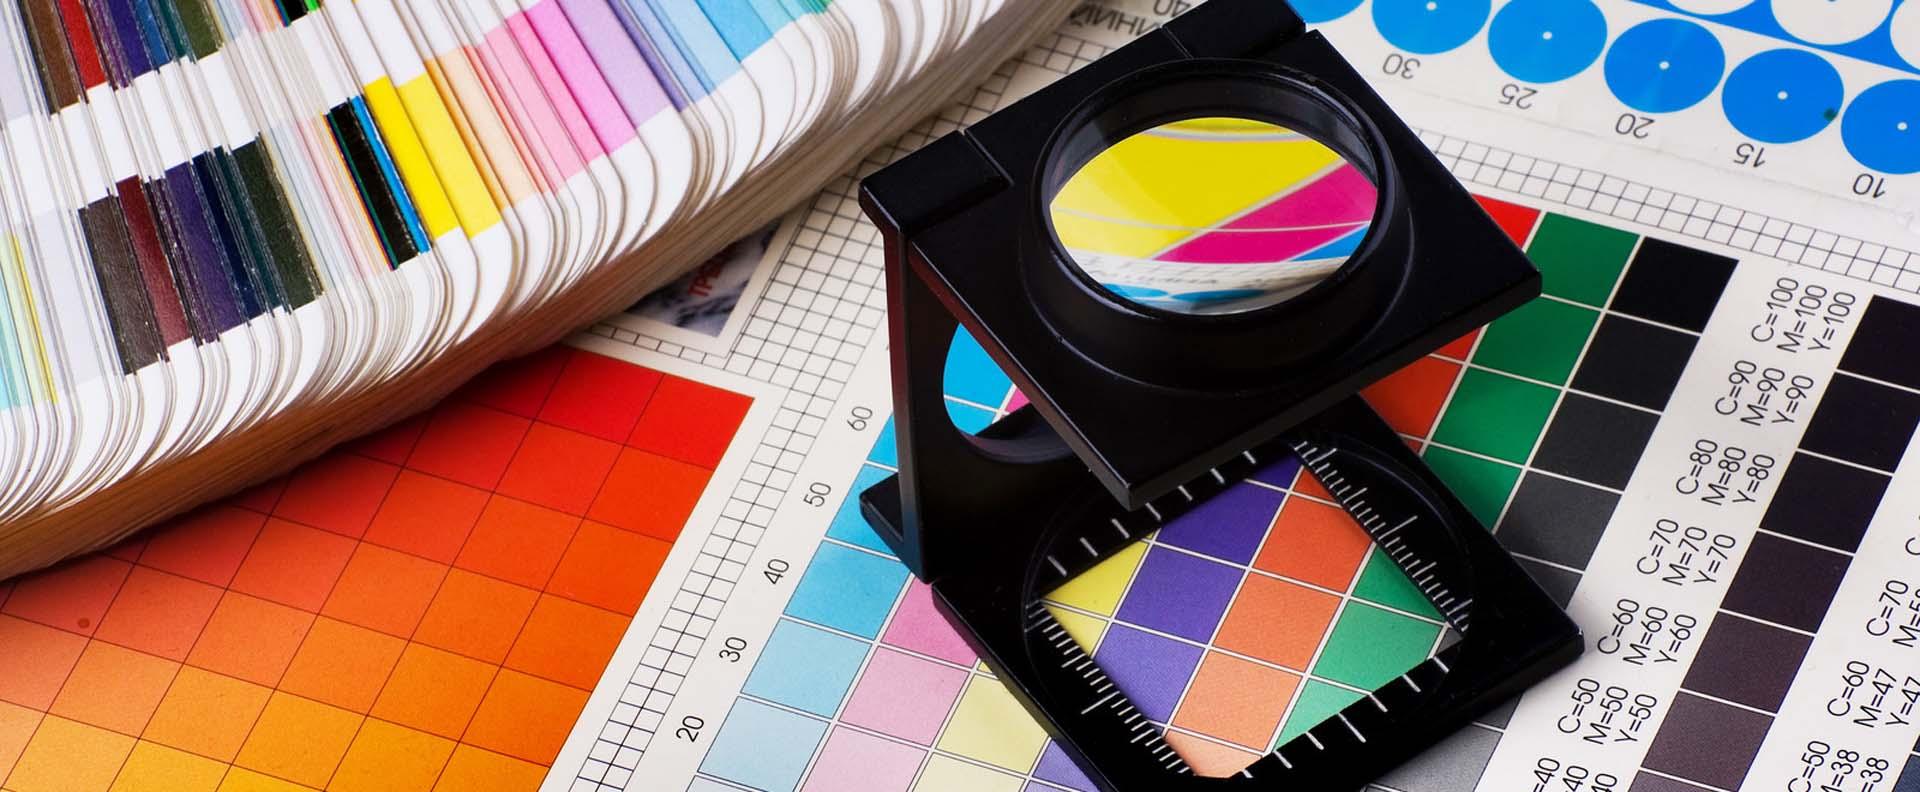 GDC presta un servicio global en artes gráficas, contamos con más de 1.000 m2 de instalaciones de encuadernación e imprenta tanto digital como offset